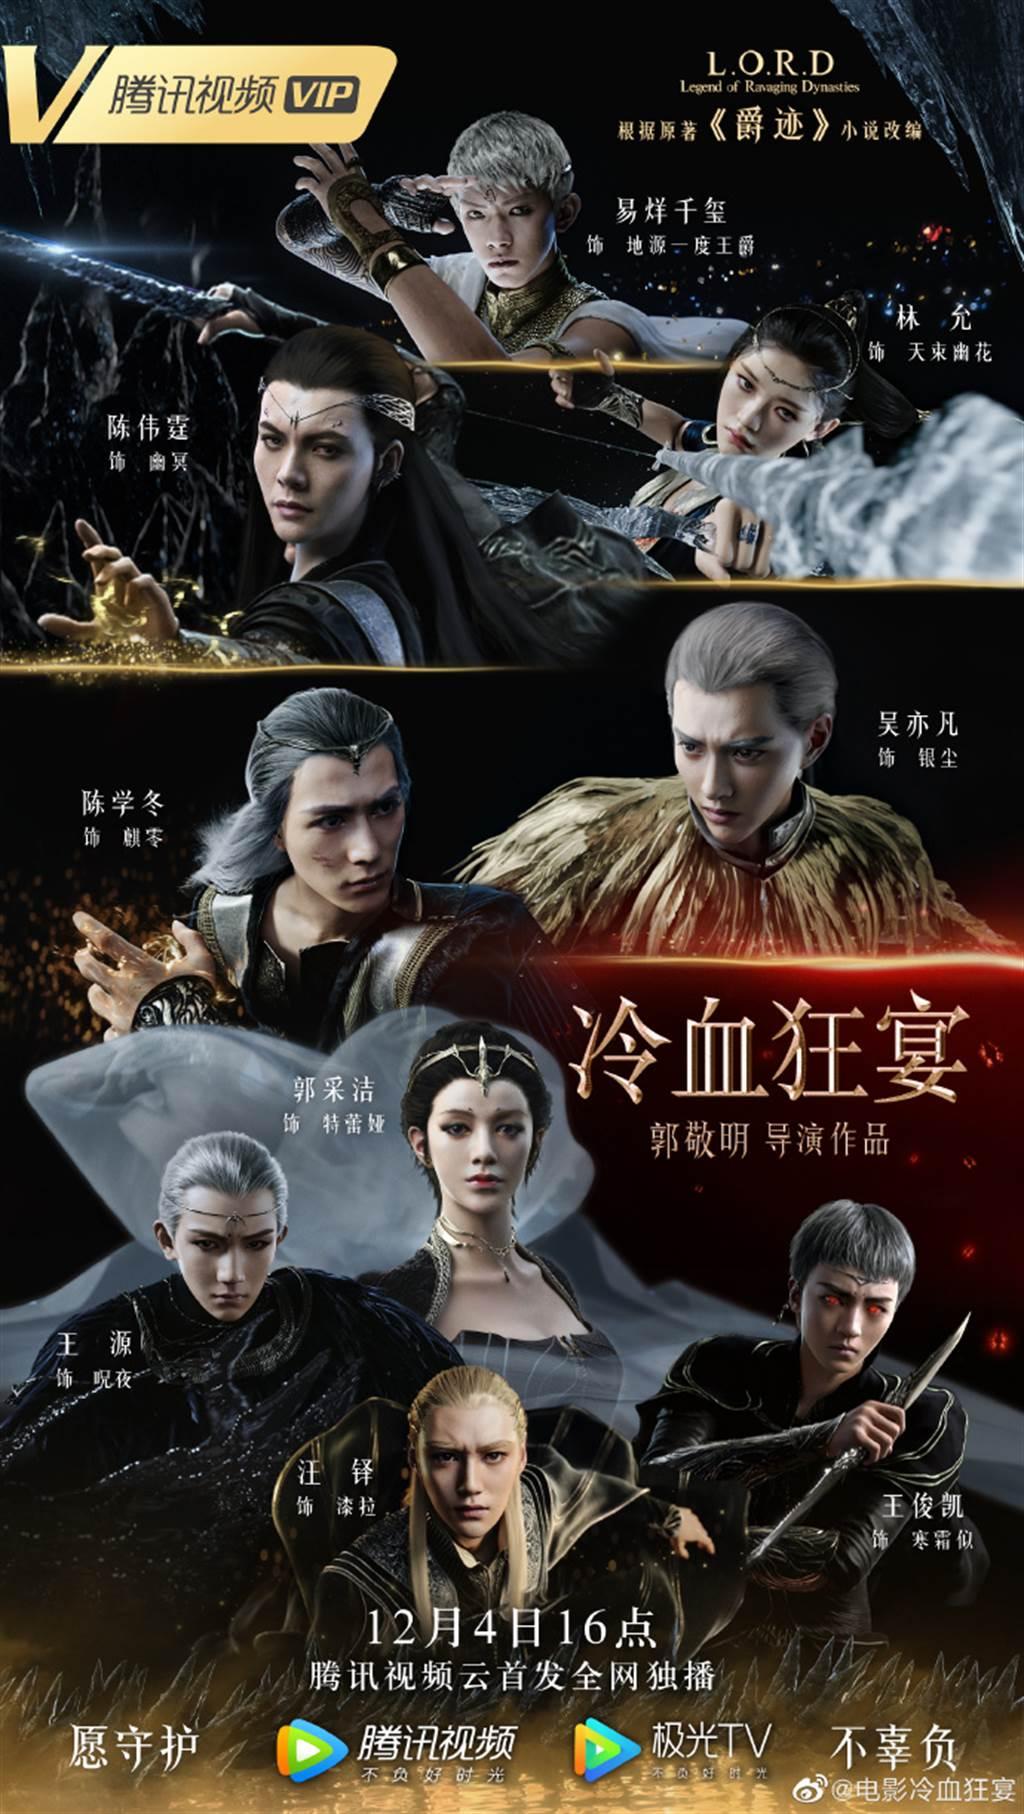 范冰冰2年前主演电影《爵迹2:冷血狂宴》,近日改为网路播映,但宣传海报完全不见范冰冰身影与名字。(取自冷血狂宴官方微博)